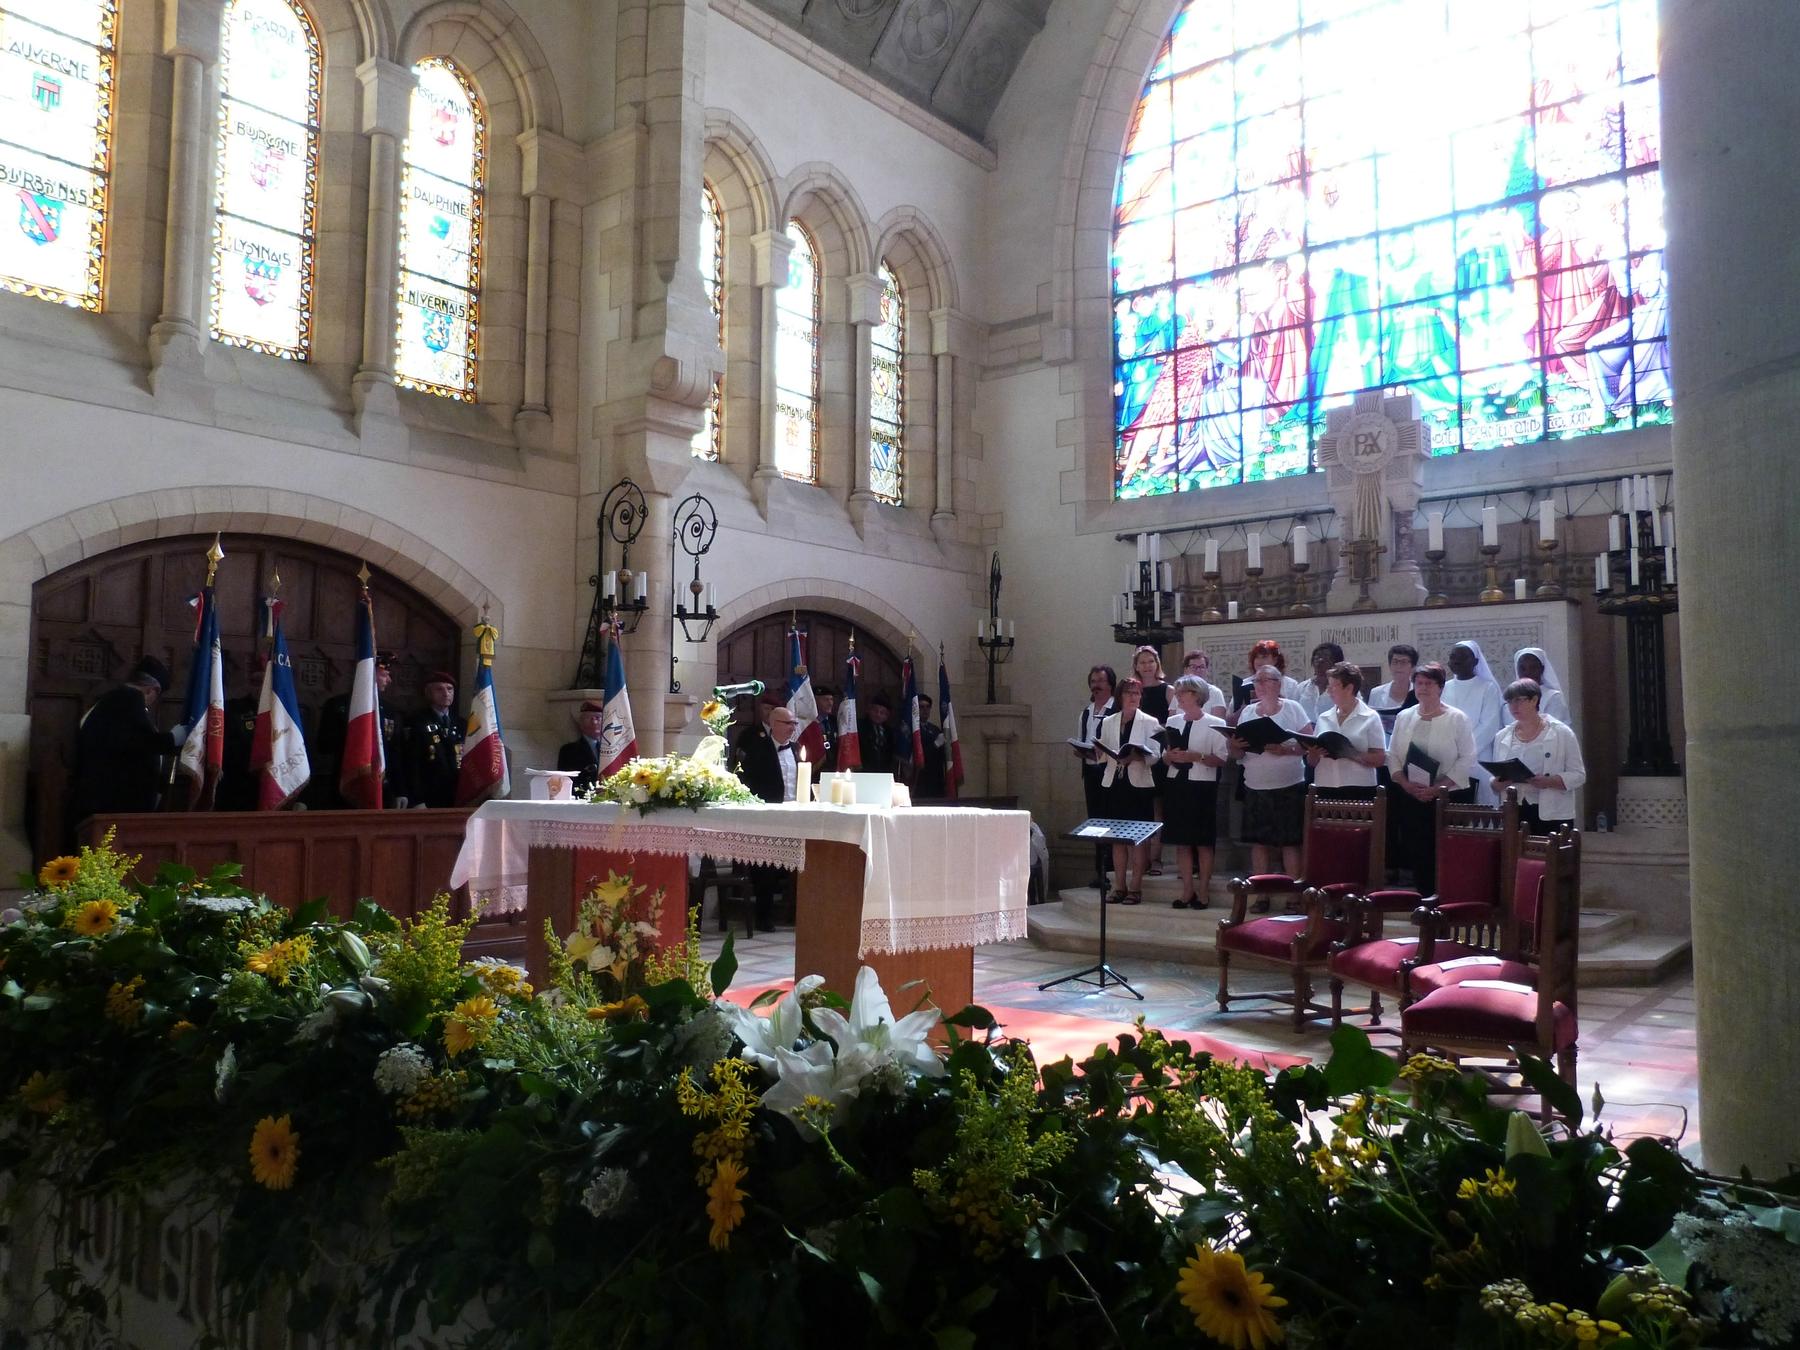 Durant la messe, la chorale paroissiale : 8 juillet 2018 Mémorial de Dormans